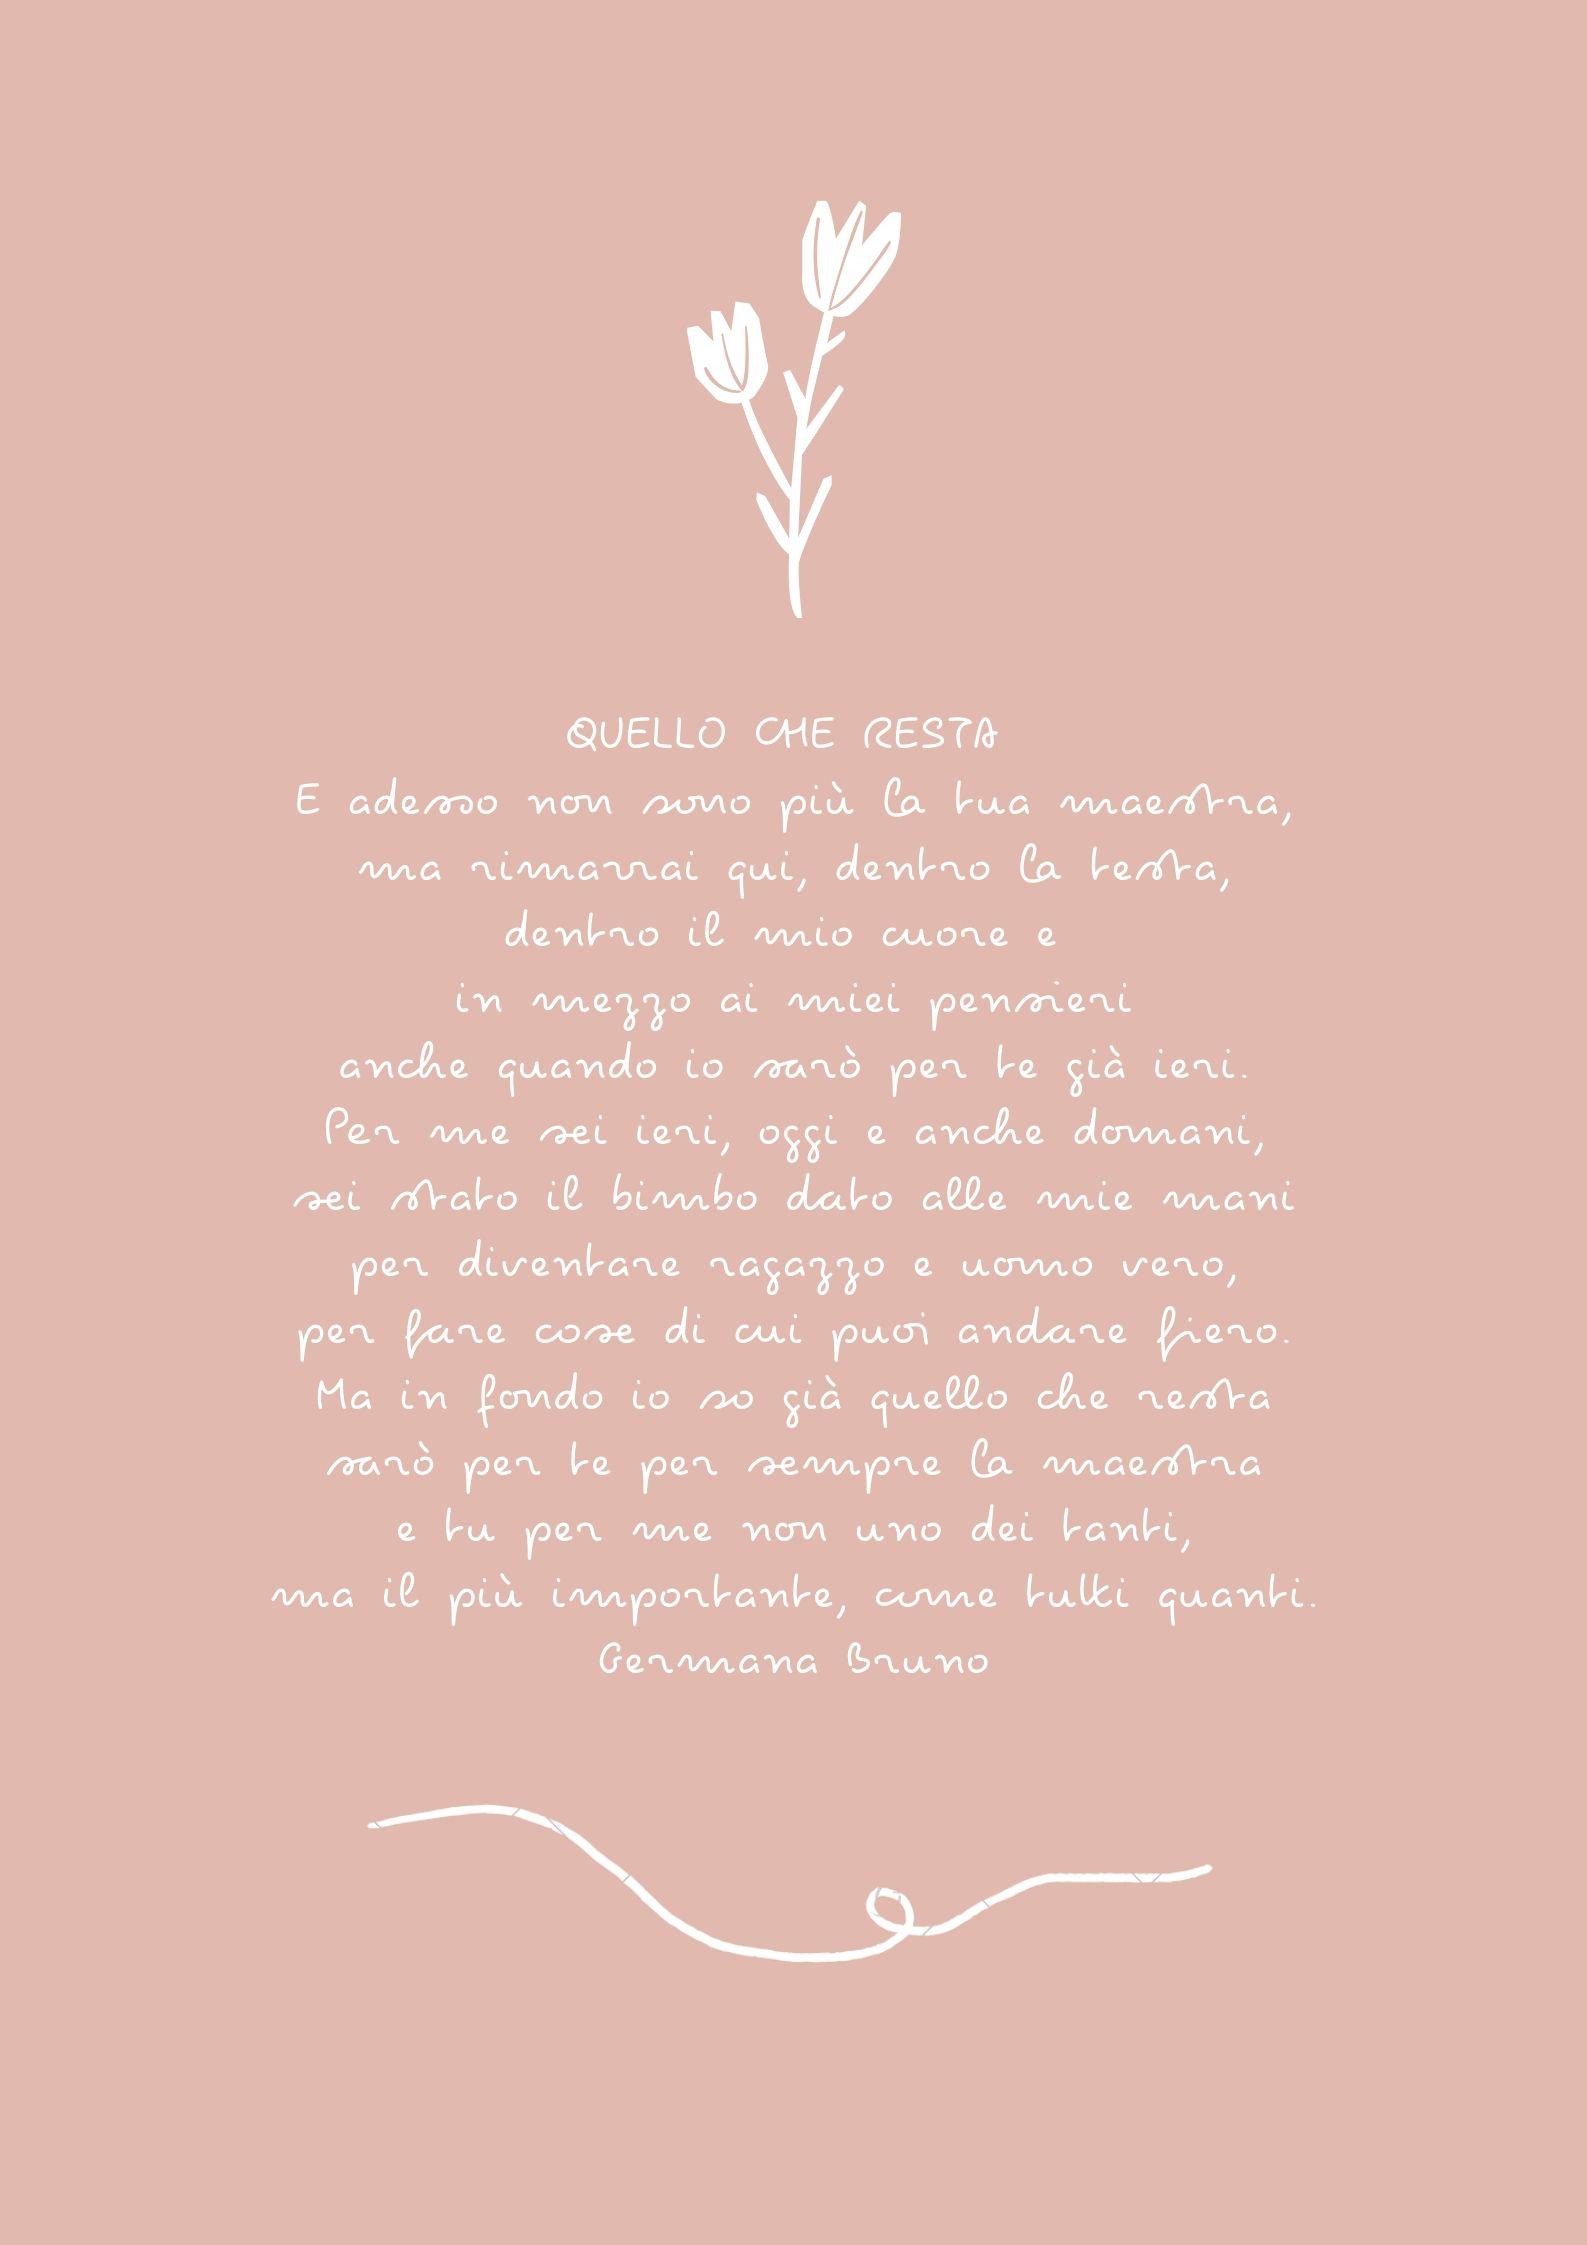 poesia e filastrocche quello che resta di germana bruno